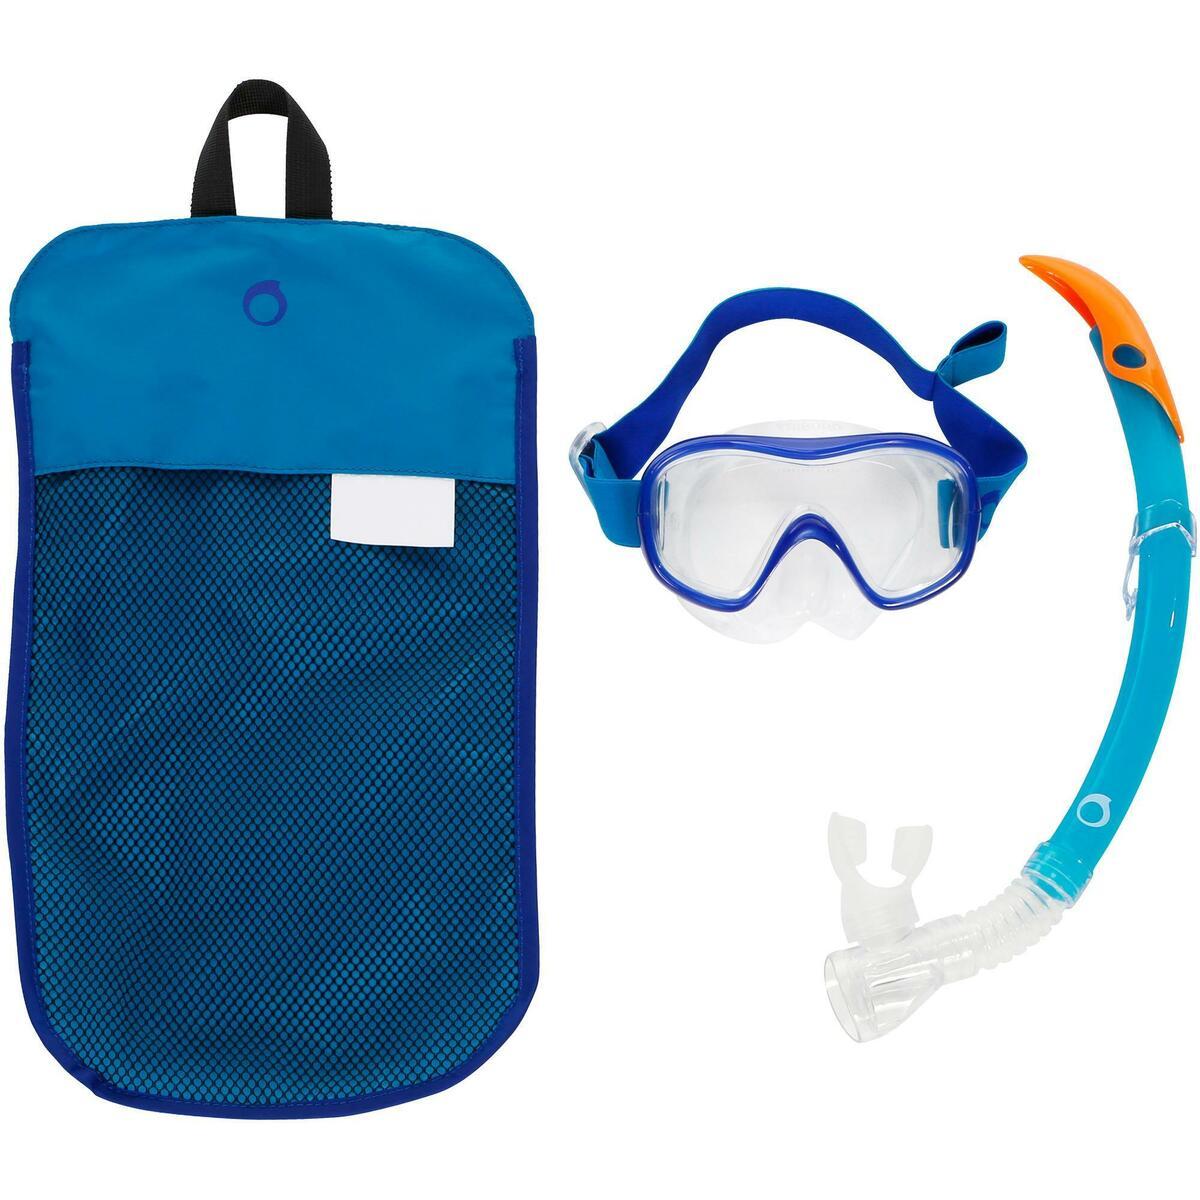 Bild 1 von Schnorchel-Set Freediving FRD120 Erwachsene türkisblau